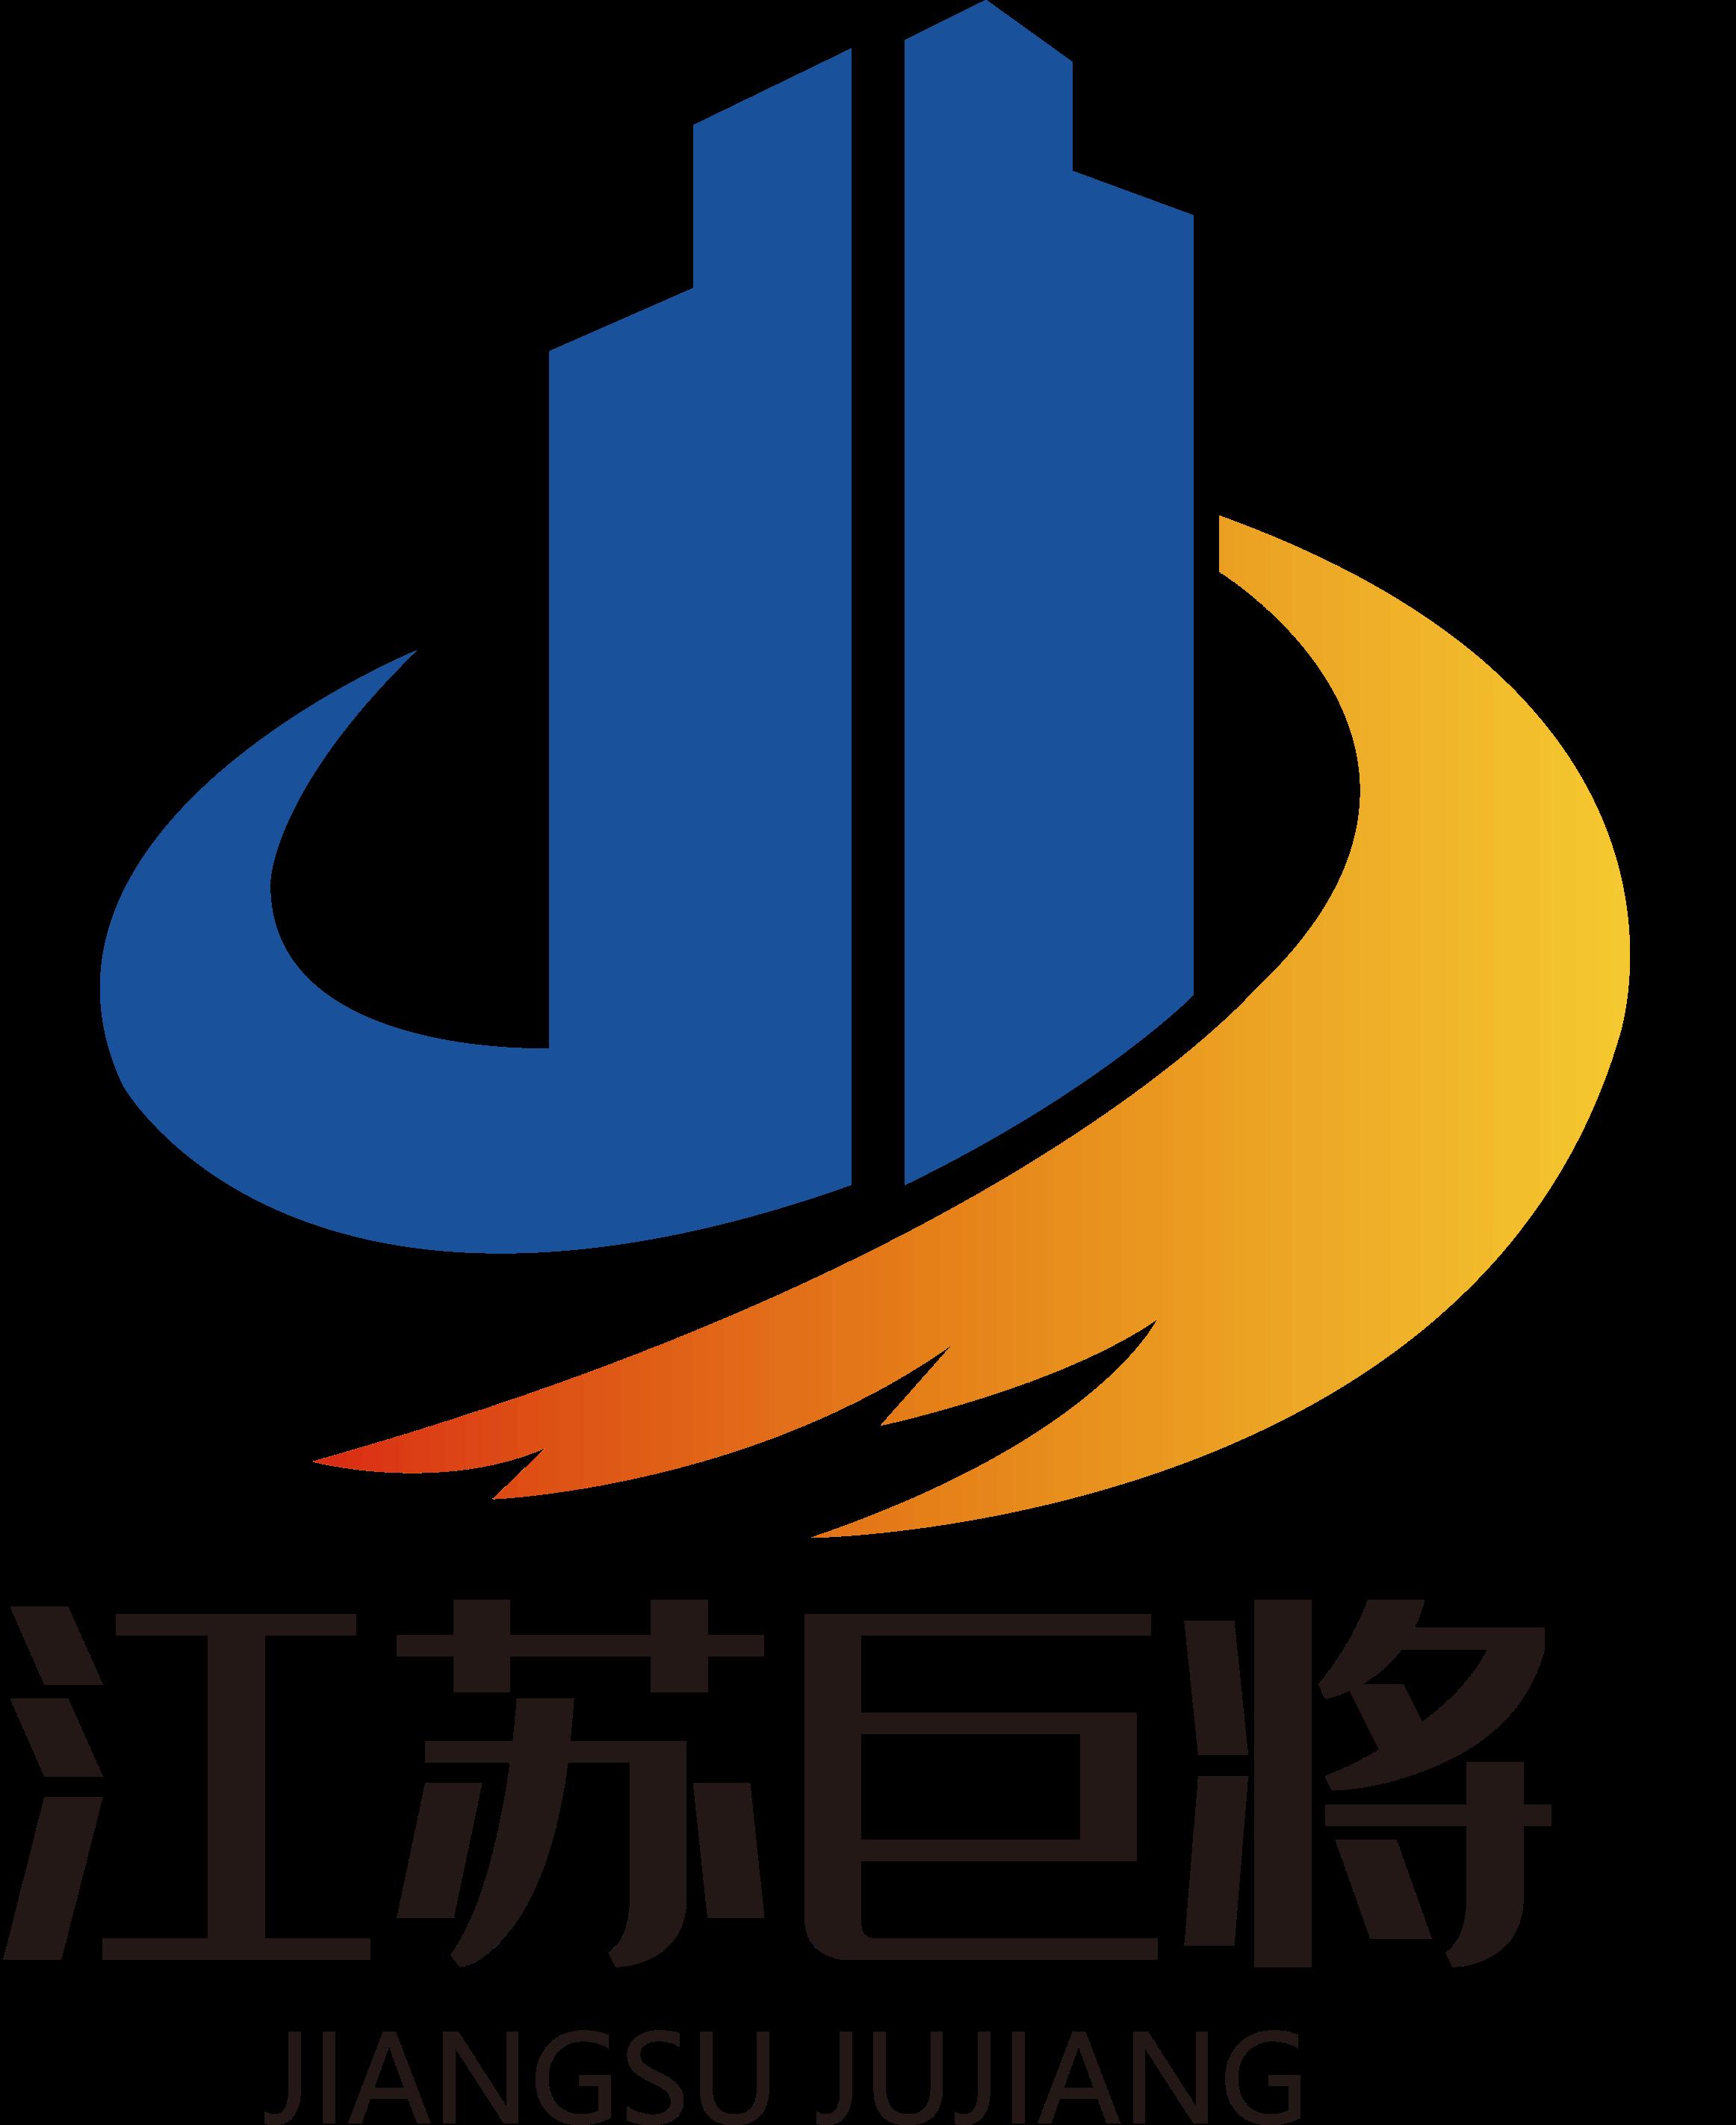 江苏巨将先进制造科技有限公司